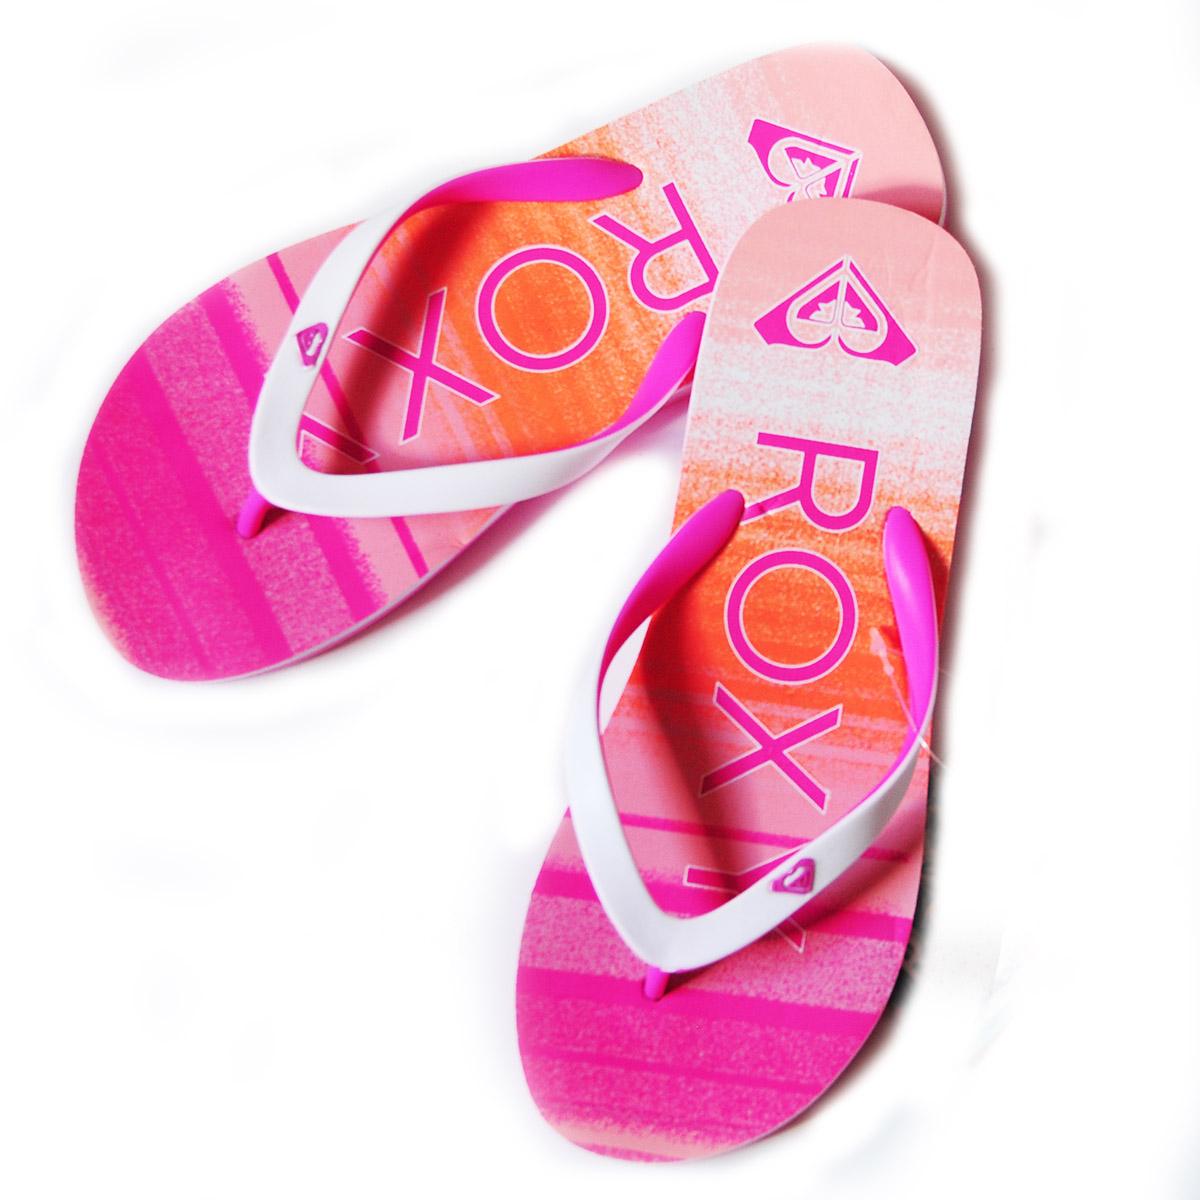 Заказать женские розовые шлепки от бренда Roxy - заказать в интернет-магазине